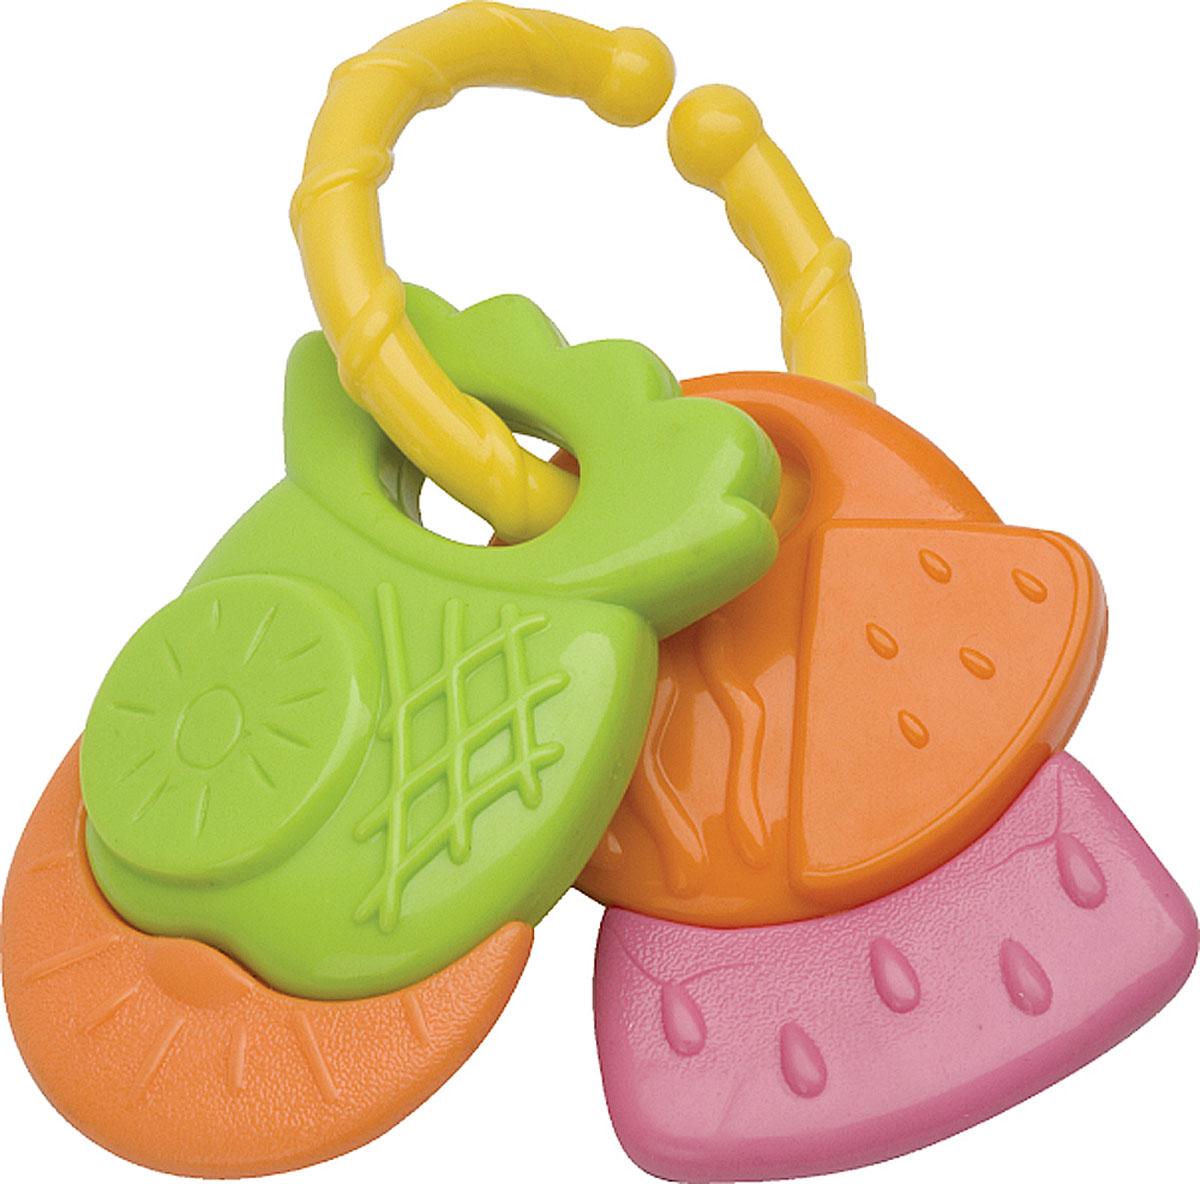 Курносики Погремушка Фруктовая корзинка23054Погремушка Курносики Фруктовая корзинка - легкая игрушка, которую удобно держать в маленьких ручках. Отлично подходит в качестве первой погремушки. Игрушка-погремушка выполнена из безопасного пластика и представляет собой кольцо с двумя рельефными подвесками в виде ананаса и арбуза. Игрушка может использоваться как прорезыватель. Развивает слух, мелкую моторику, мышление, концентрацию внимания и цветовое восприятие.